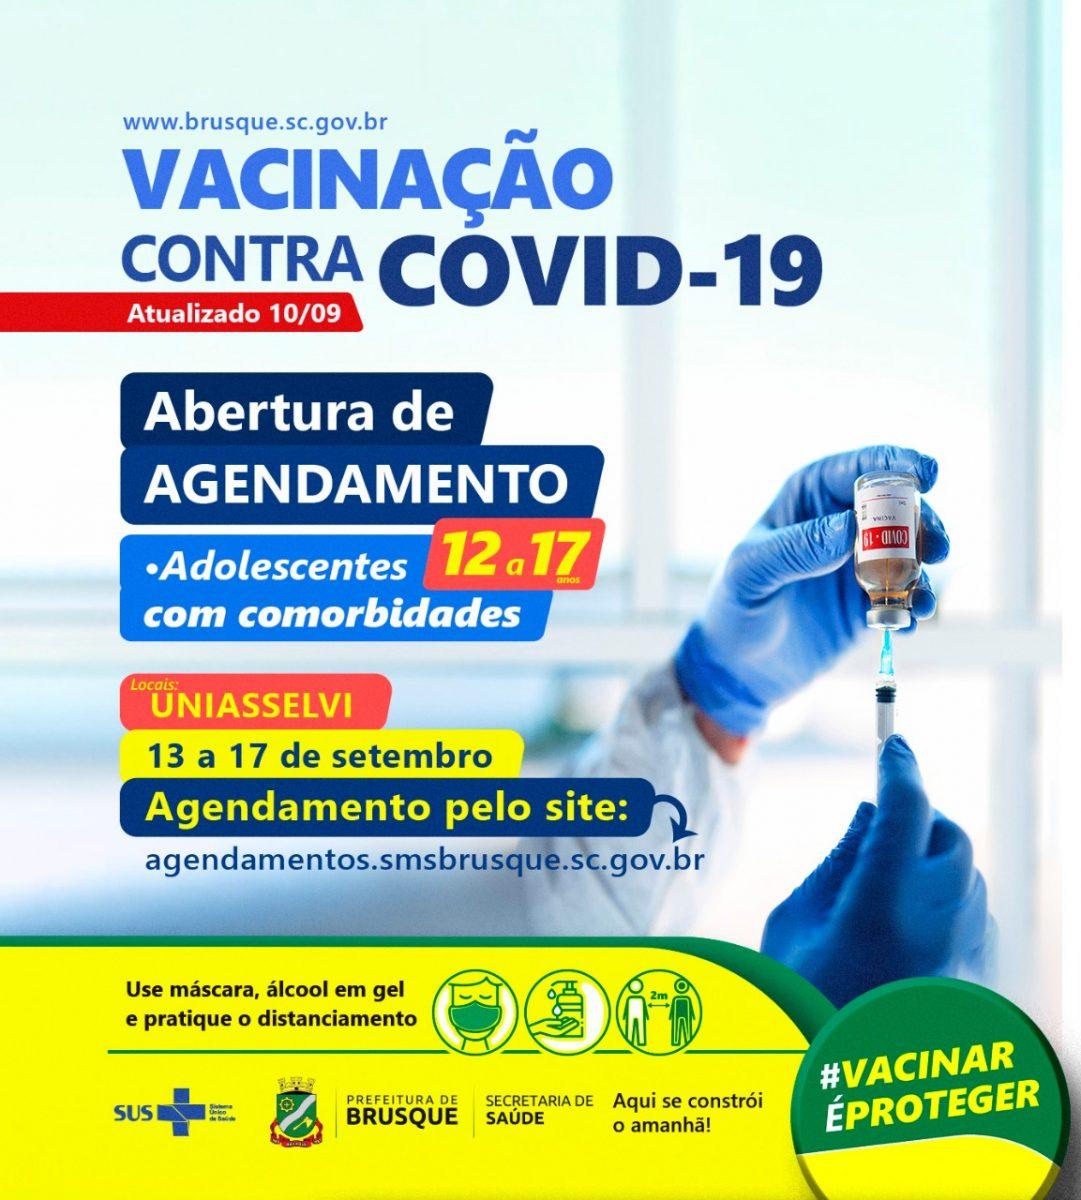 Covid-19: Brusque abre nova agenda para vacinação em adolescentes de 12 a 17 com comorbidade